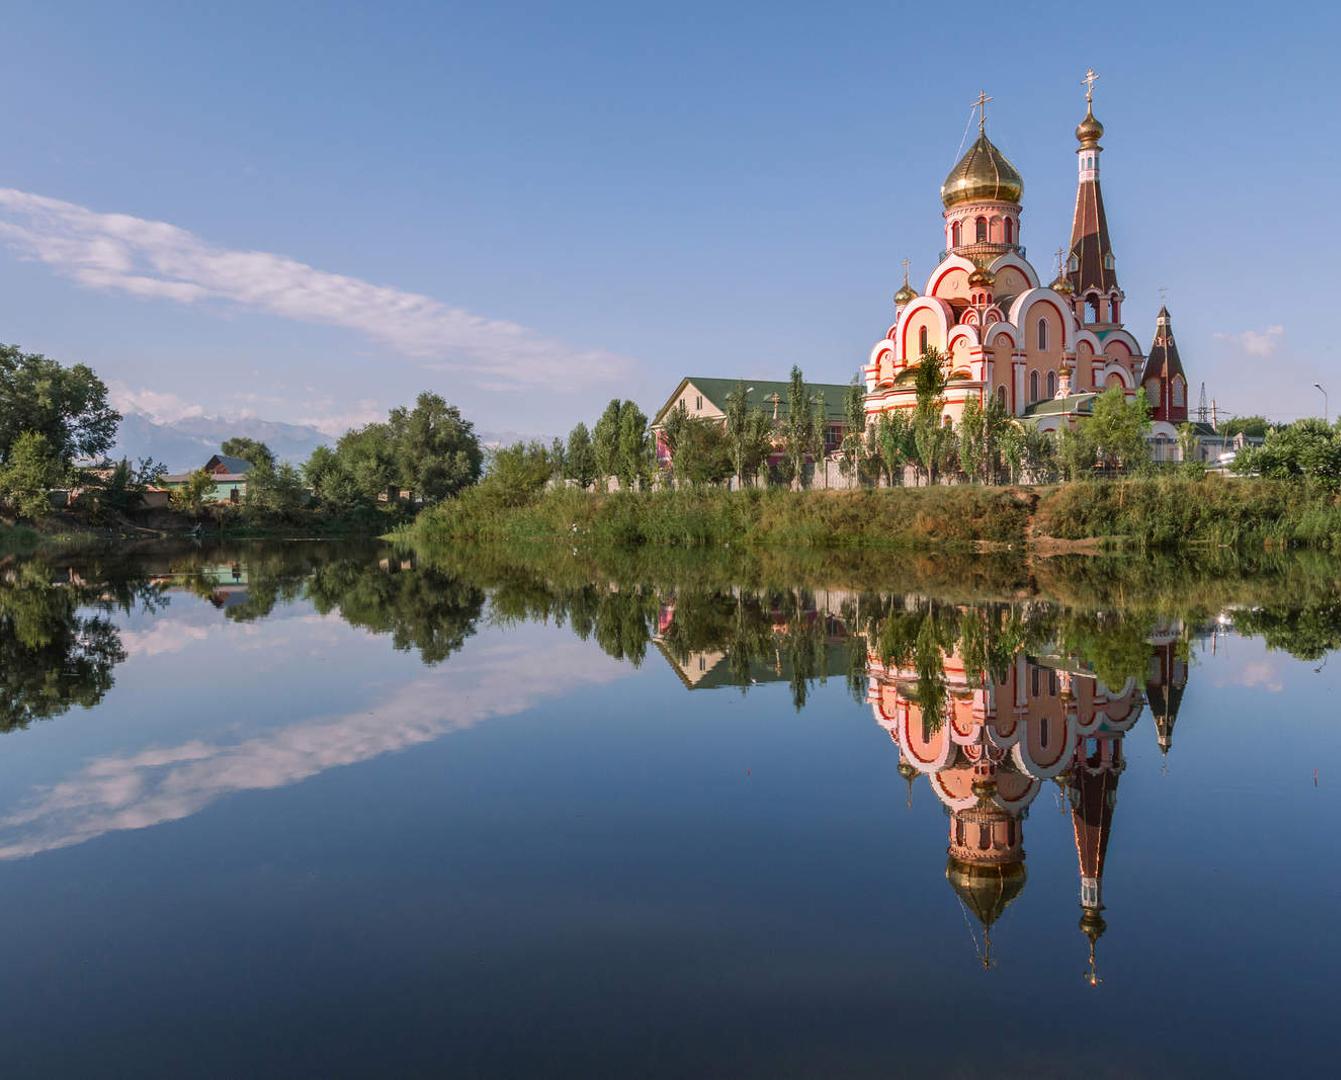 Казахстан на 26 месте в списке лучших мест для путешествий - The New York Times